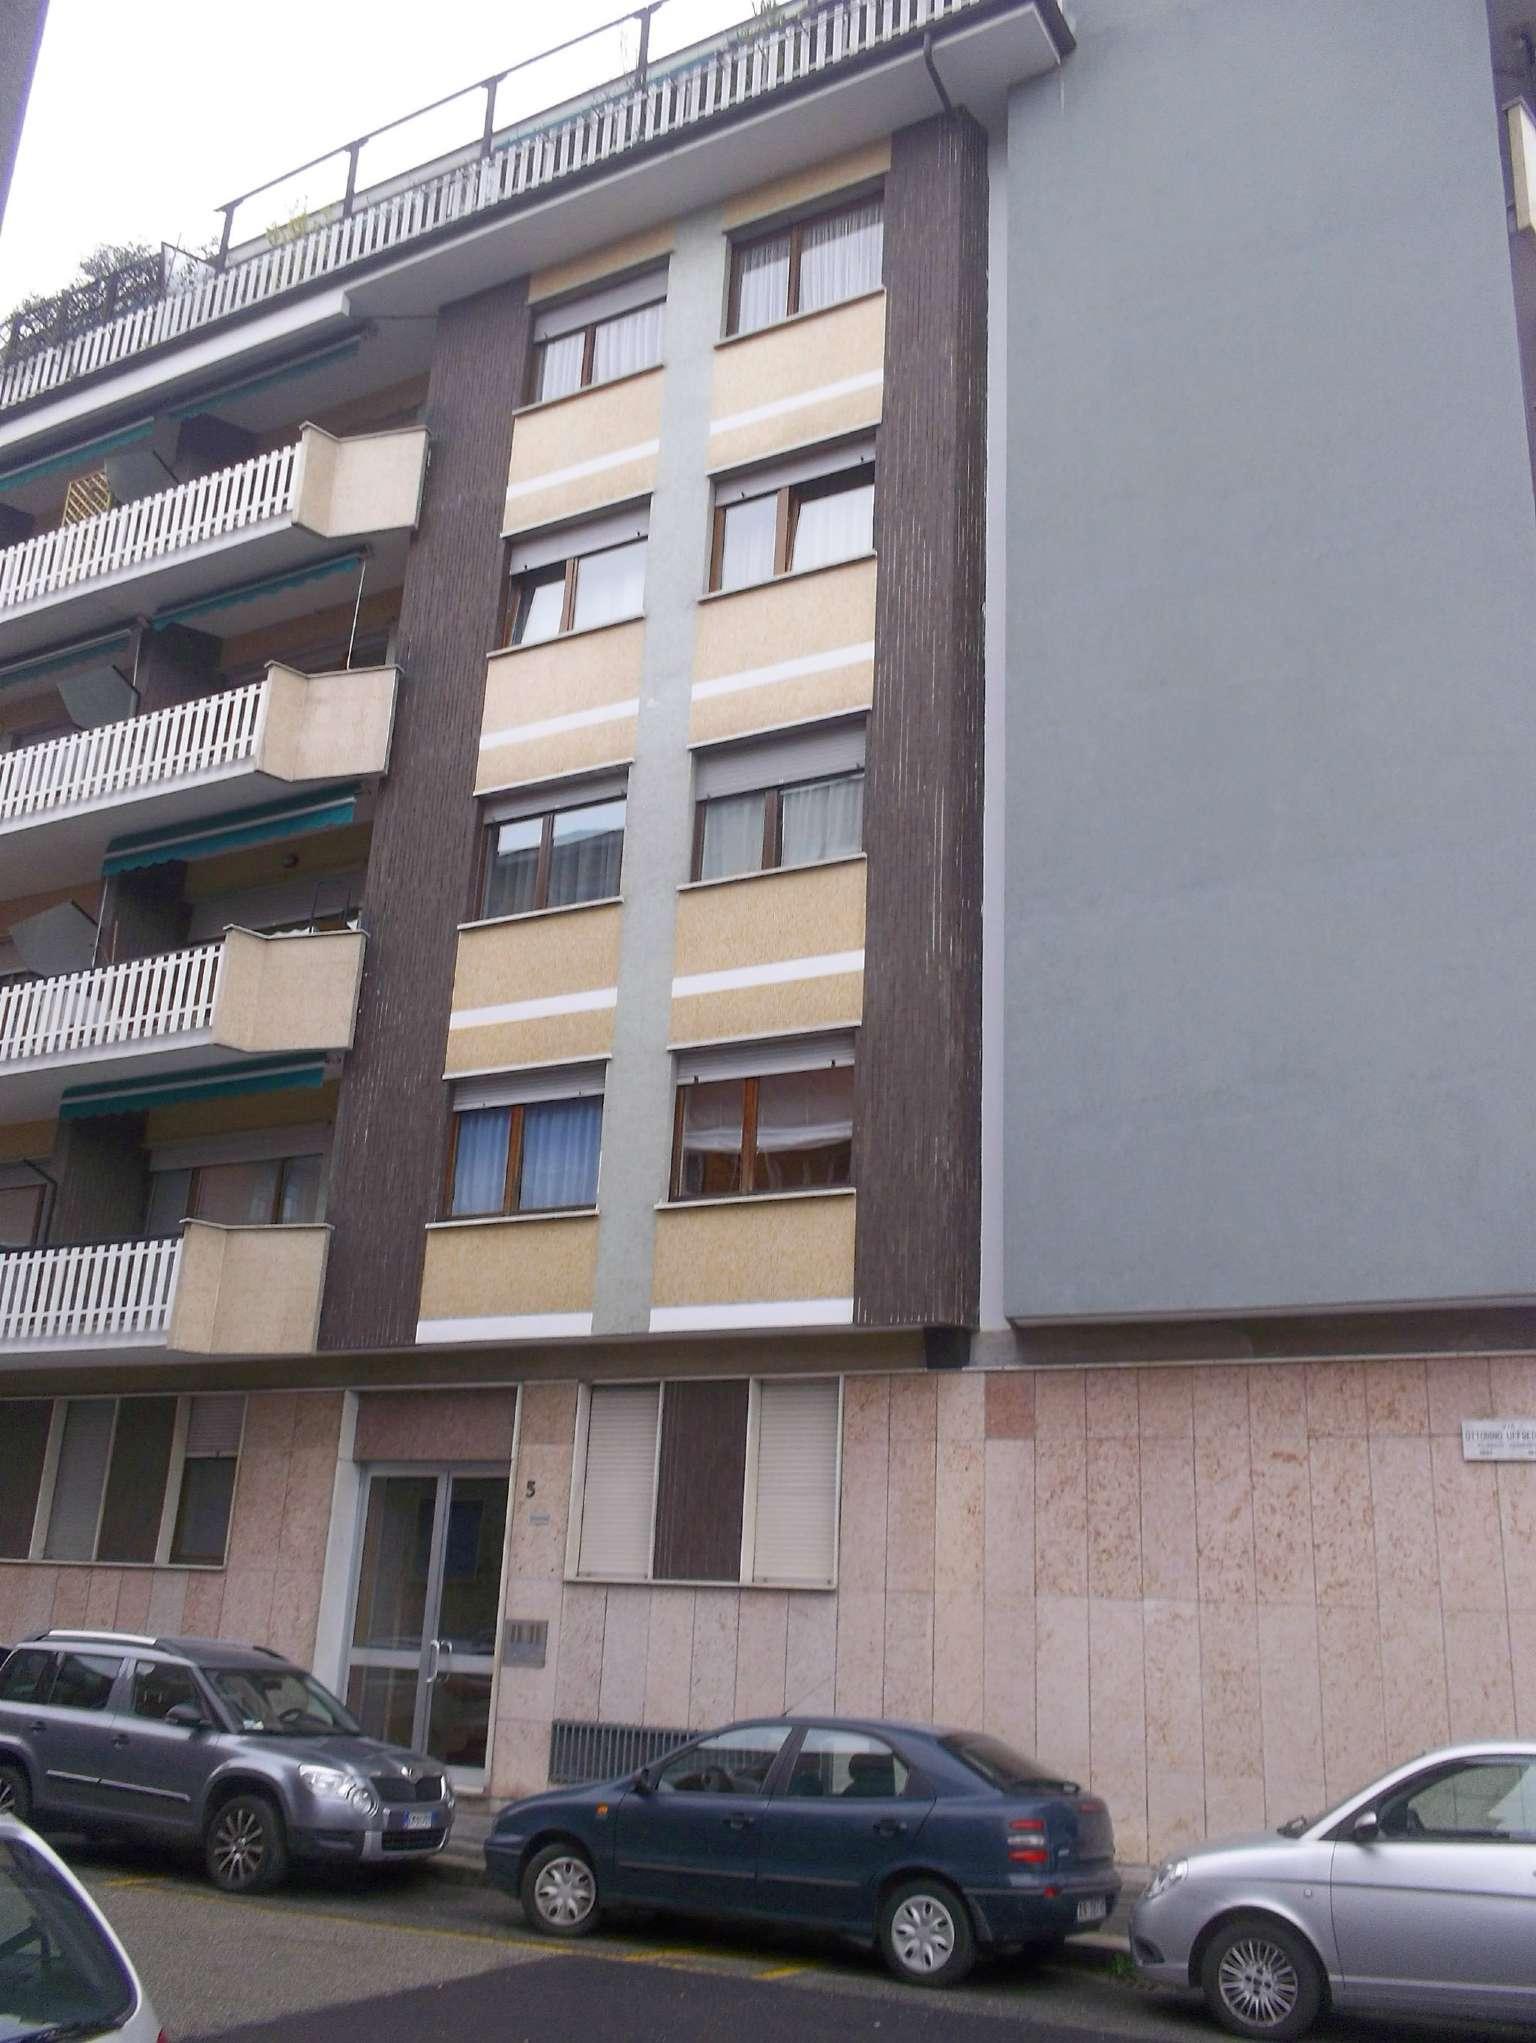 Bilocale Torino Via Uffreduzzi 10